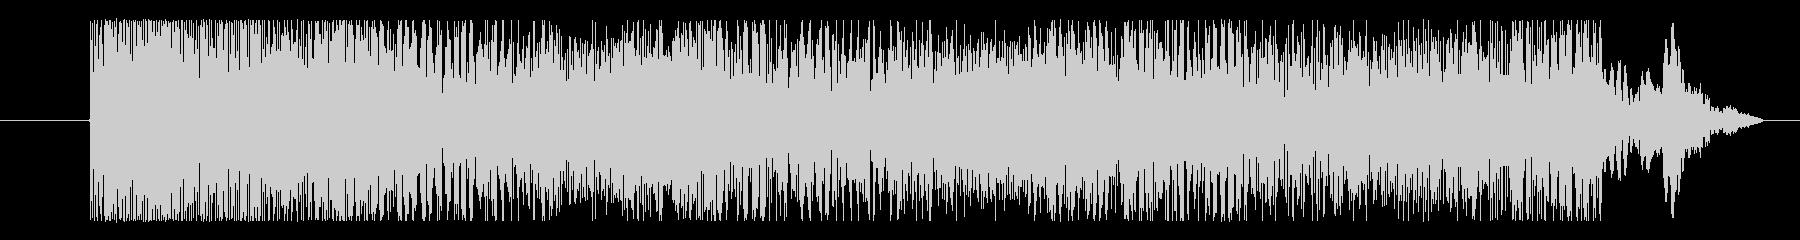 ゲーム 激しいハード02の未再生の波形